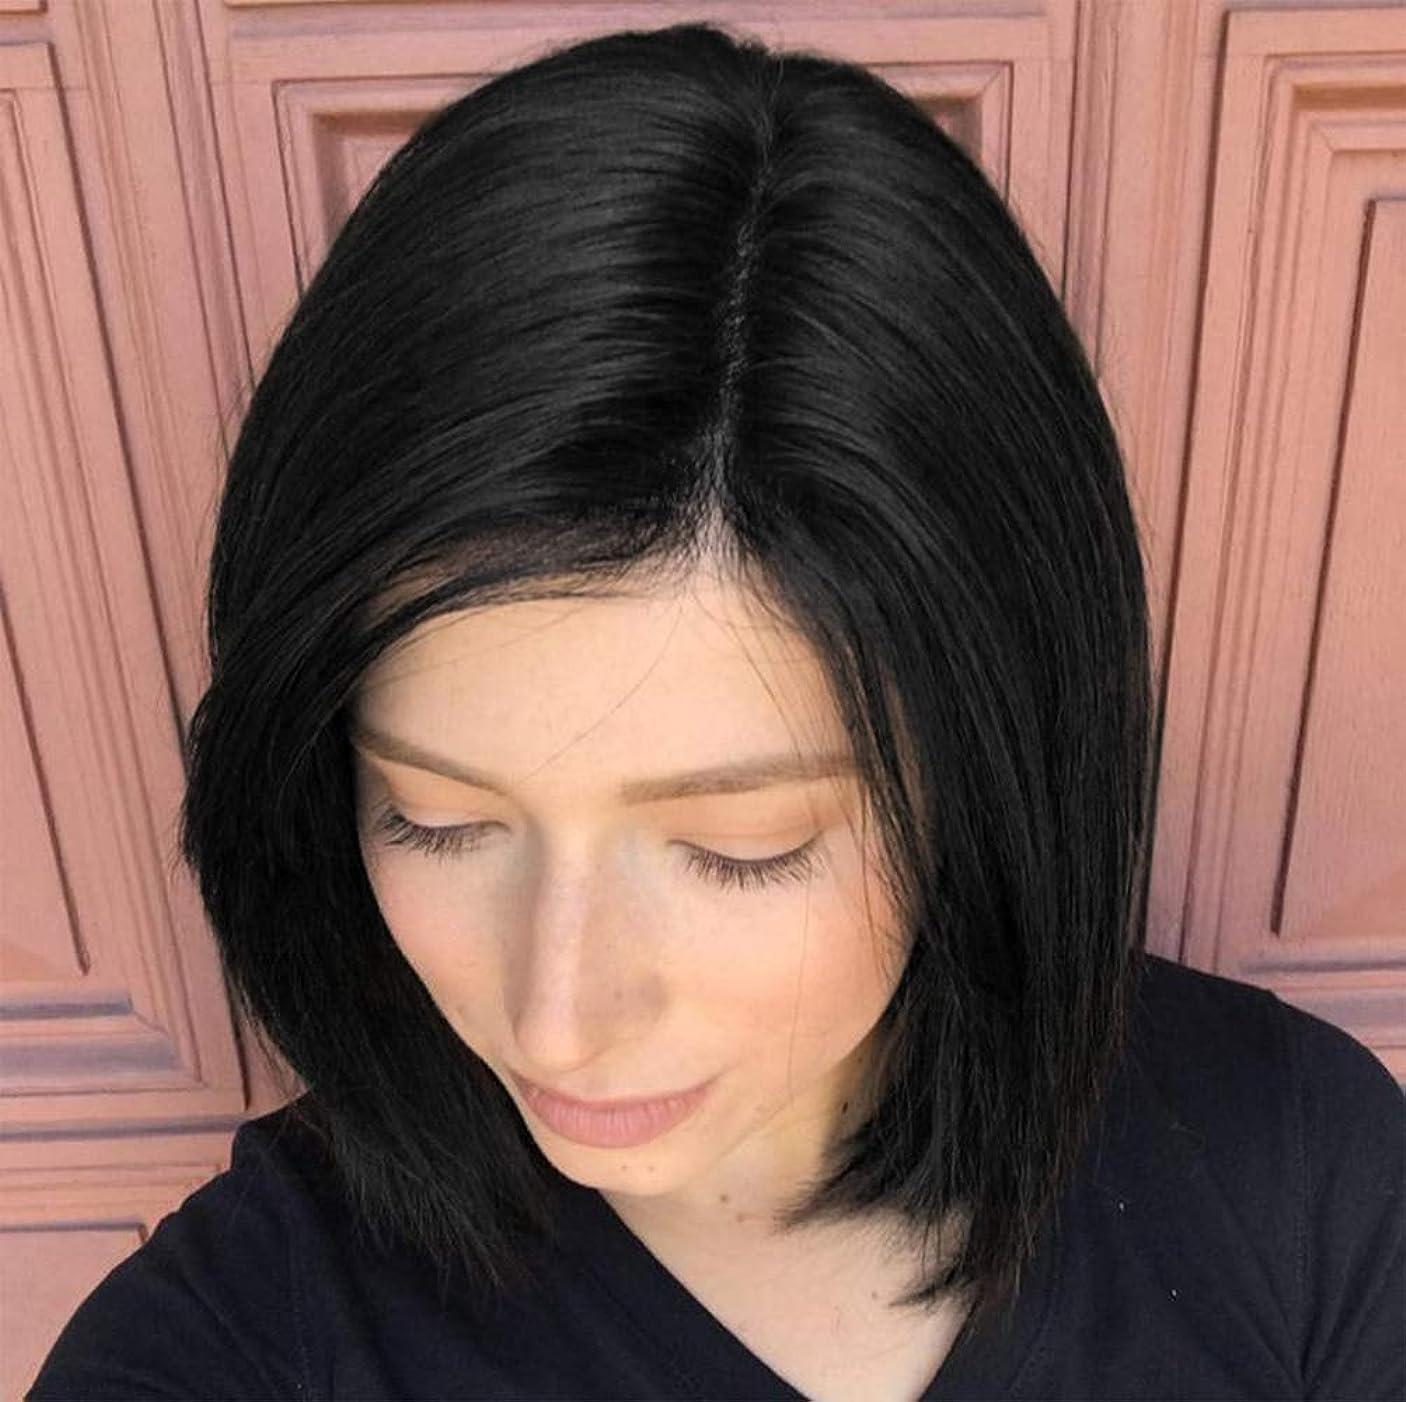 想像力結核書道ウィッグ女性ファッションショートヘア合成耐熱コスプレウィッグ無料ウィッグキャップブラック12インチ